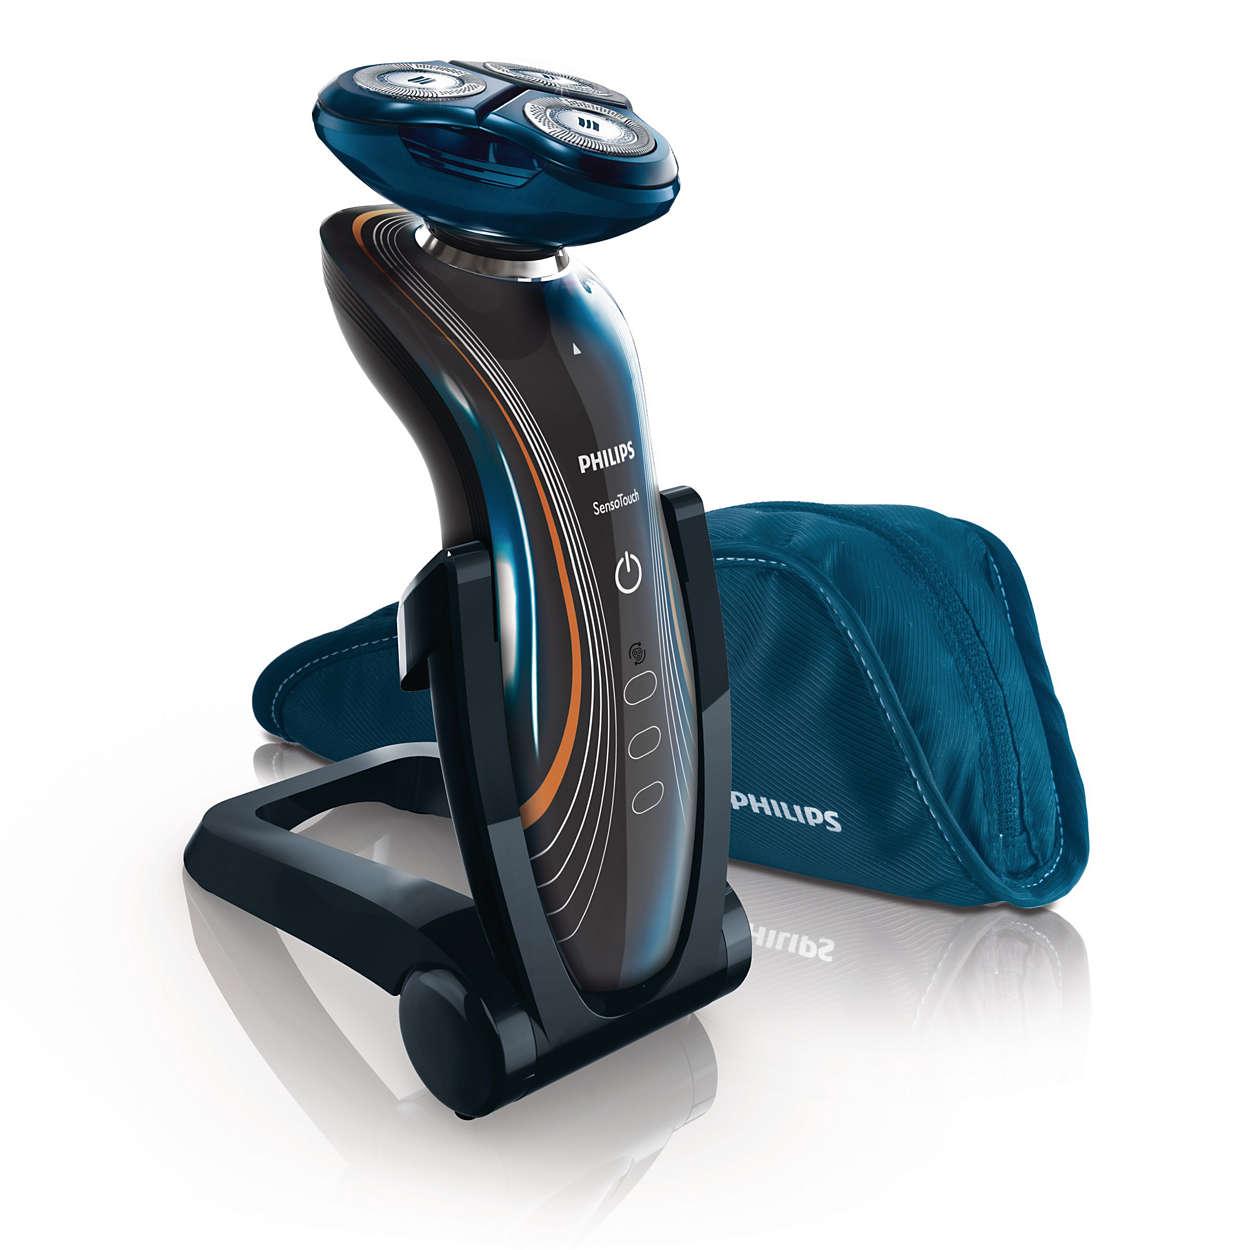 Philips SensoTouch - Pour un rasage doux et confortable